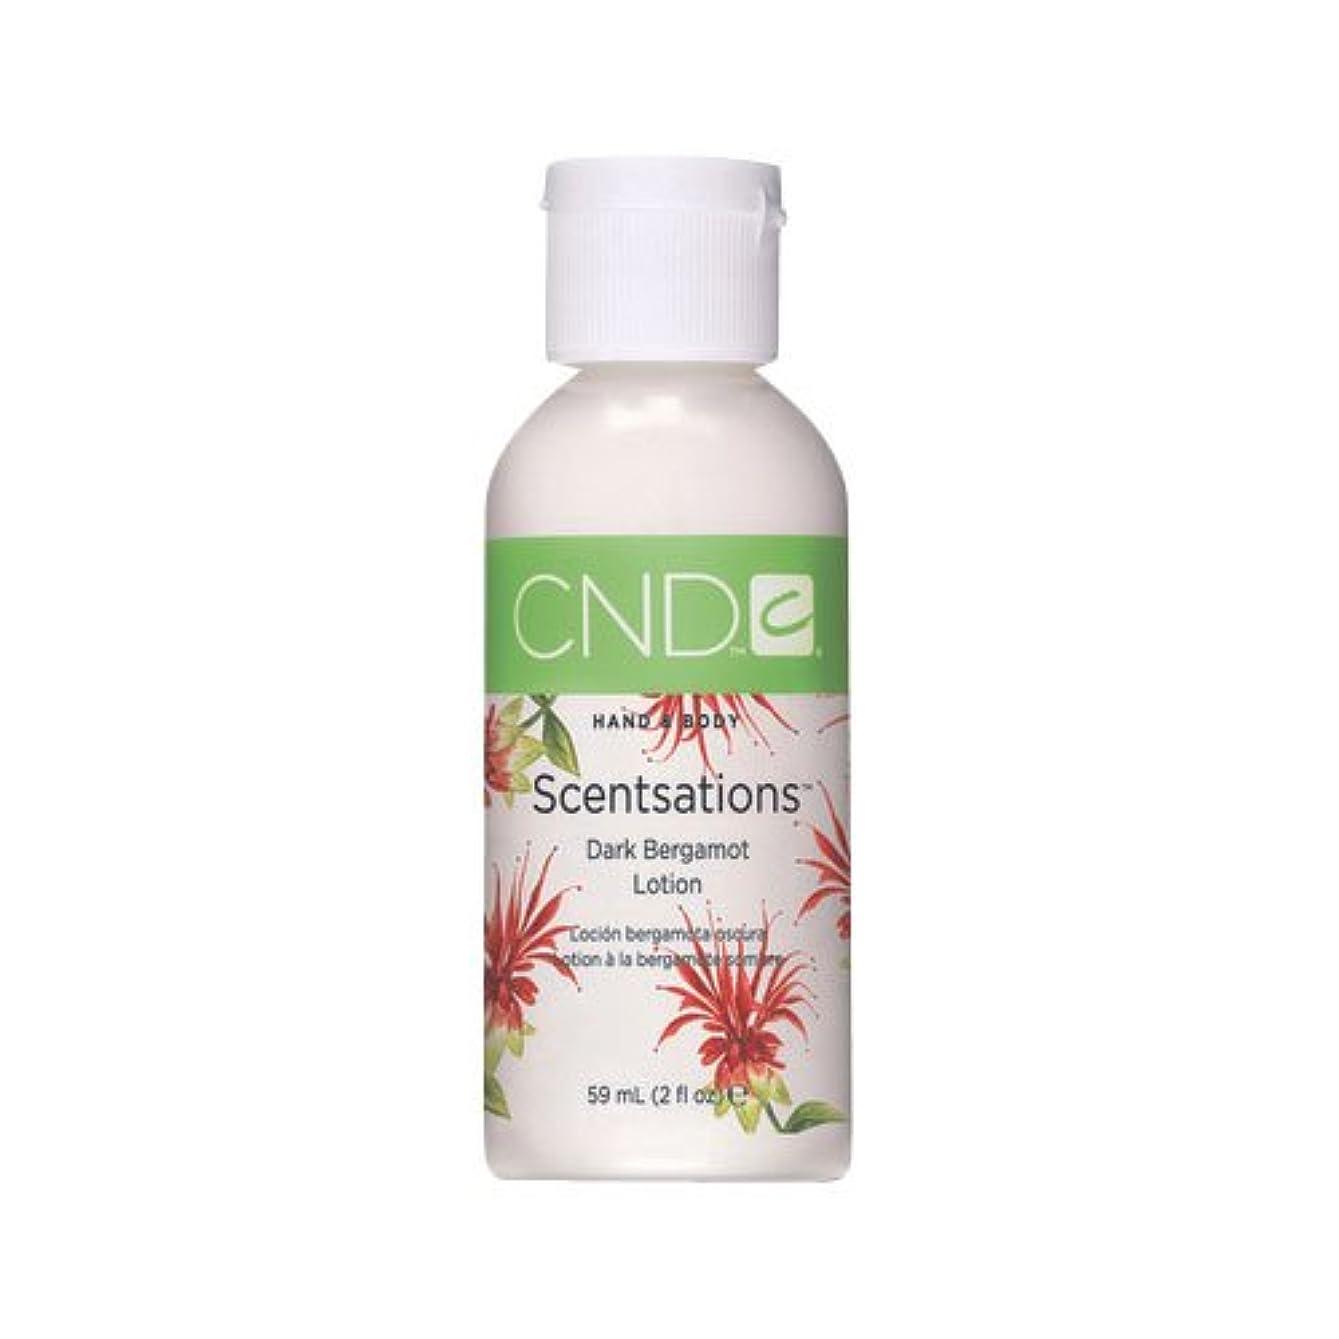 改修健康的遺伝的CND センセーション ハンド&ボディローション ダークベルガモット 59ml 濃厚で深く甘いベルガモットの香り